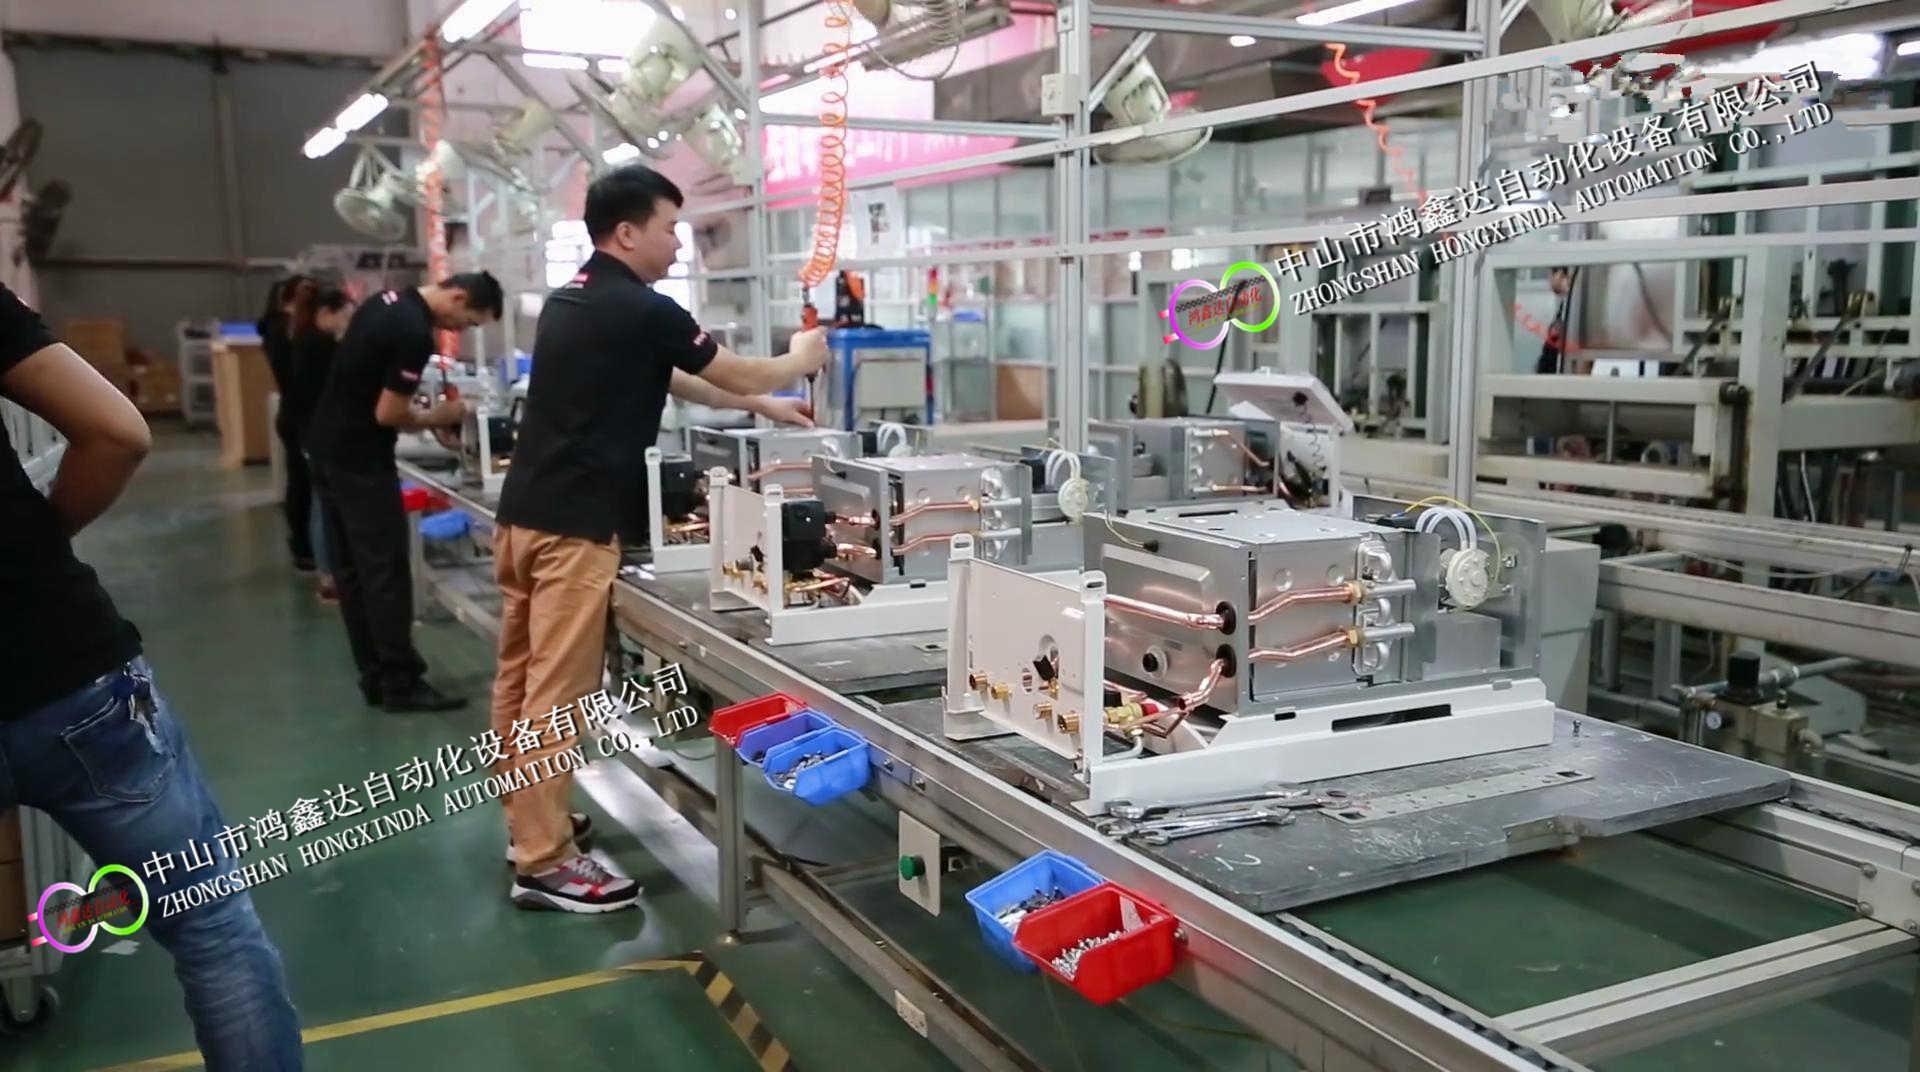 瑞马燃气壁挂炉生产检测设备及新增生产线展示-1080_20180116234608.JPG